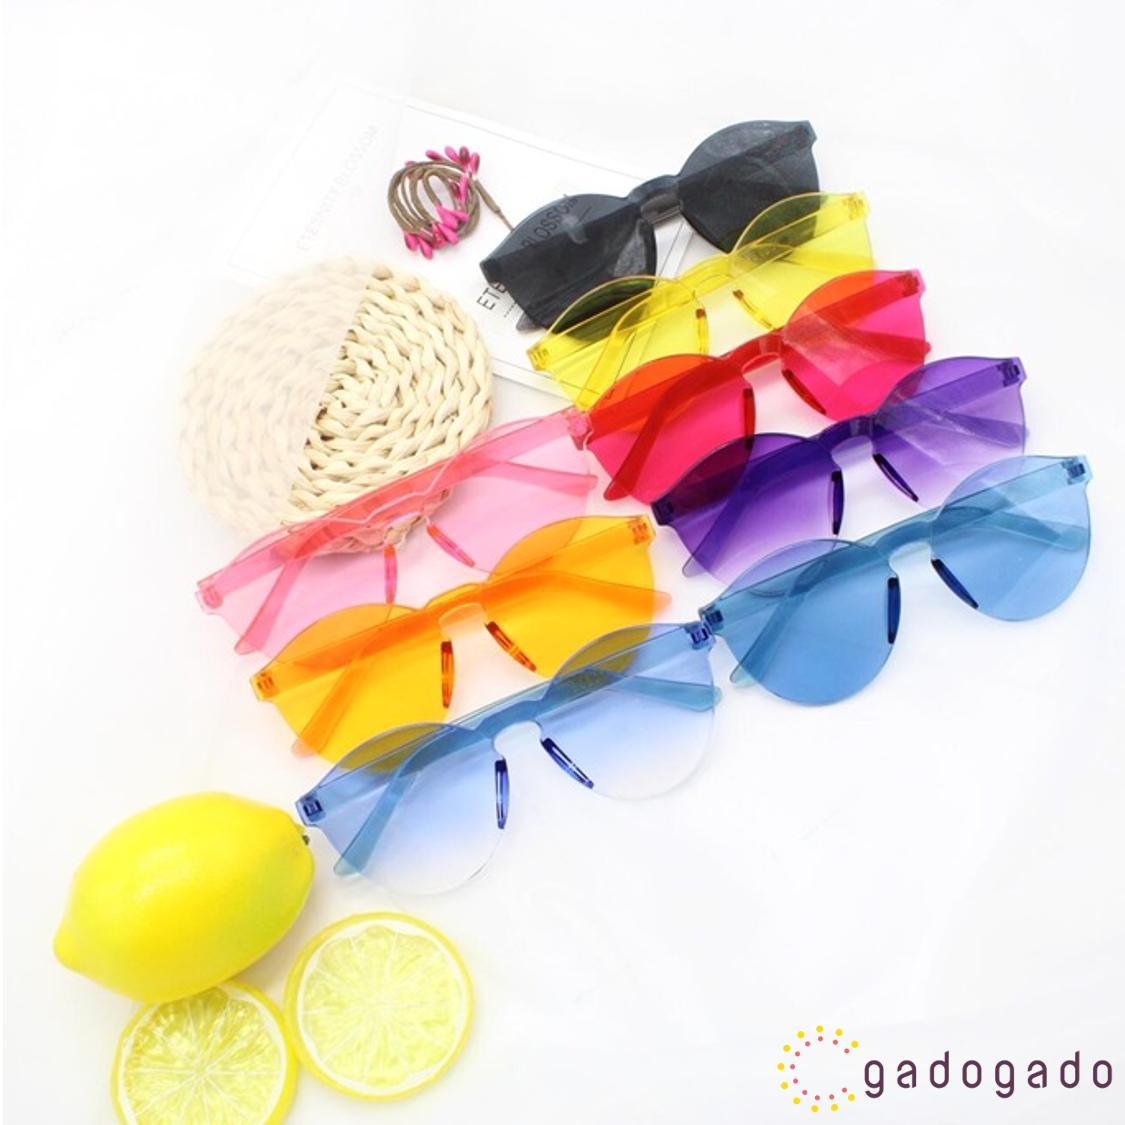 Gadogado Fygalery - Kacamata K400 Kacamata Transparan Simple Kacamata Import Kacamata Murah Batam Kacamata Fashion Kids By Gado Gado Shop